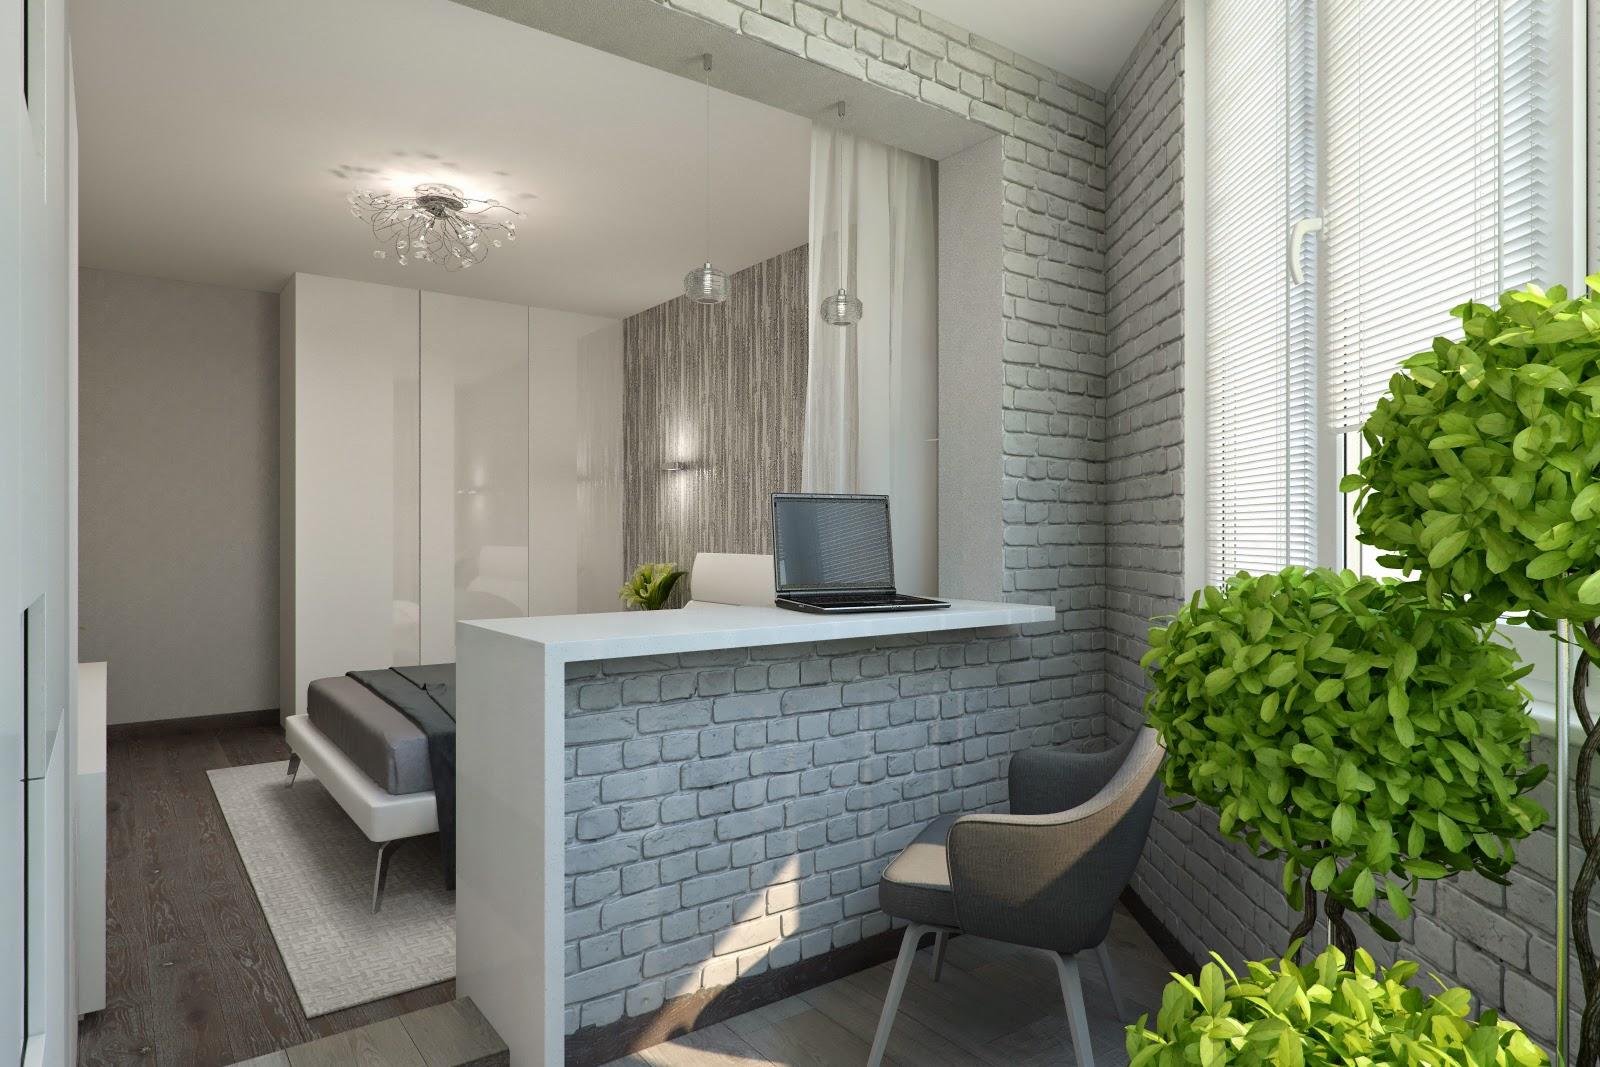 Дизайн лоджии совмещенной с комнатой дизайн.